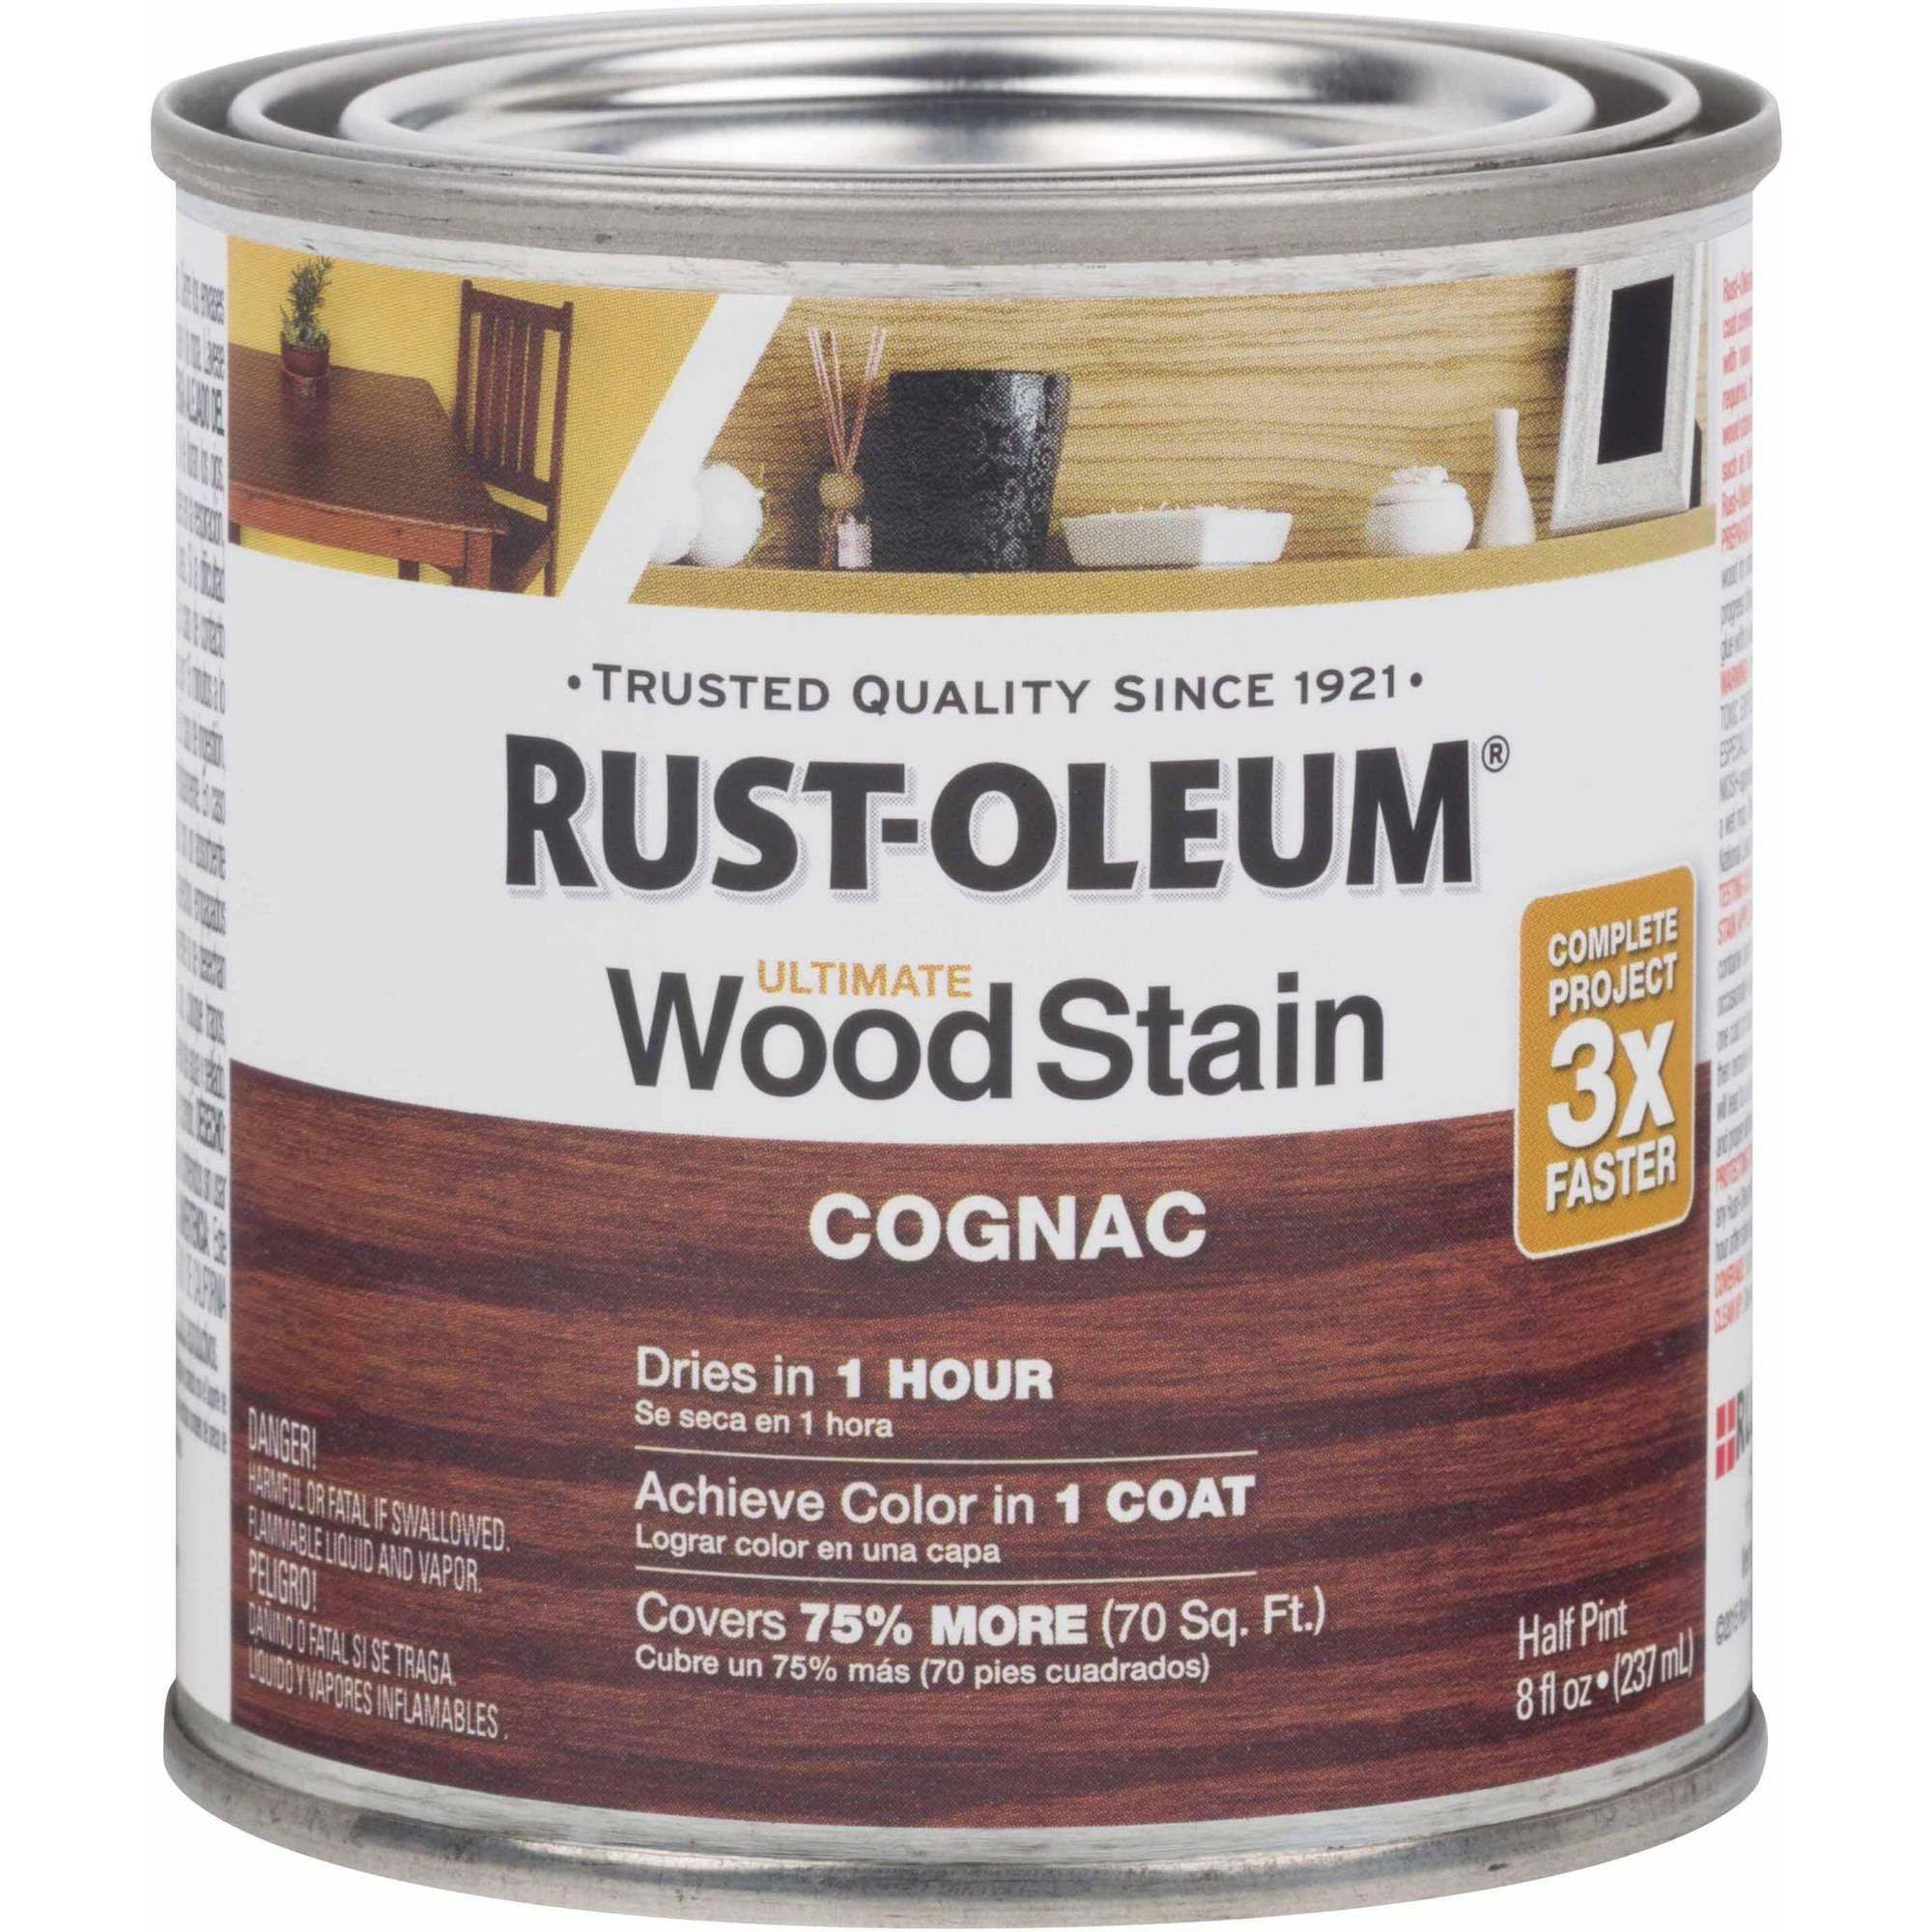 Rust-Oleum Ultimate Wood Stain Half-Pint, Cognac